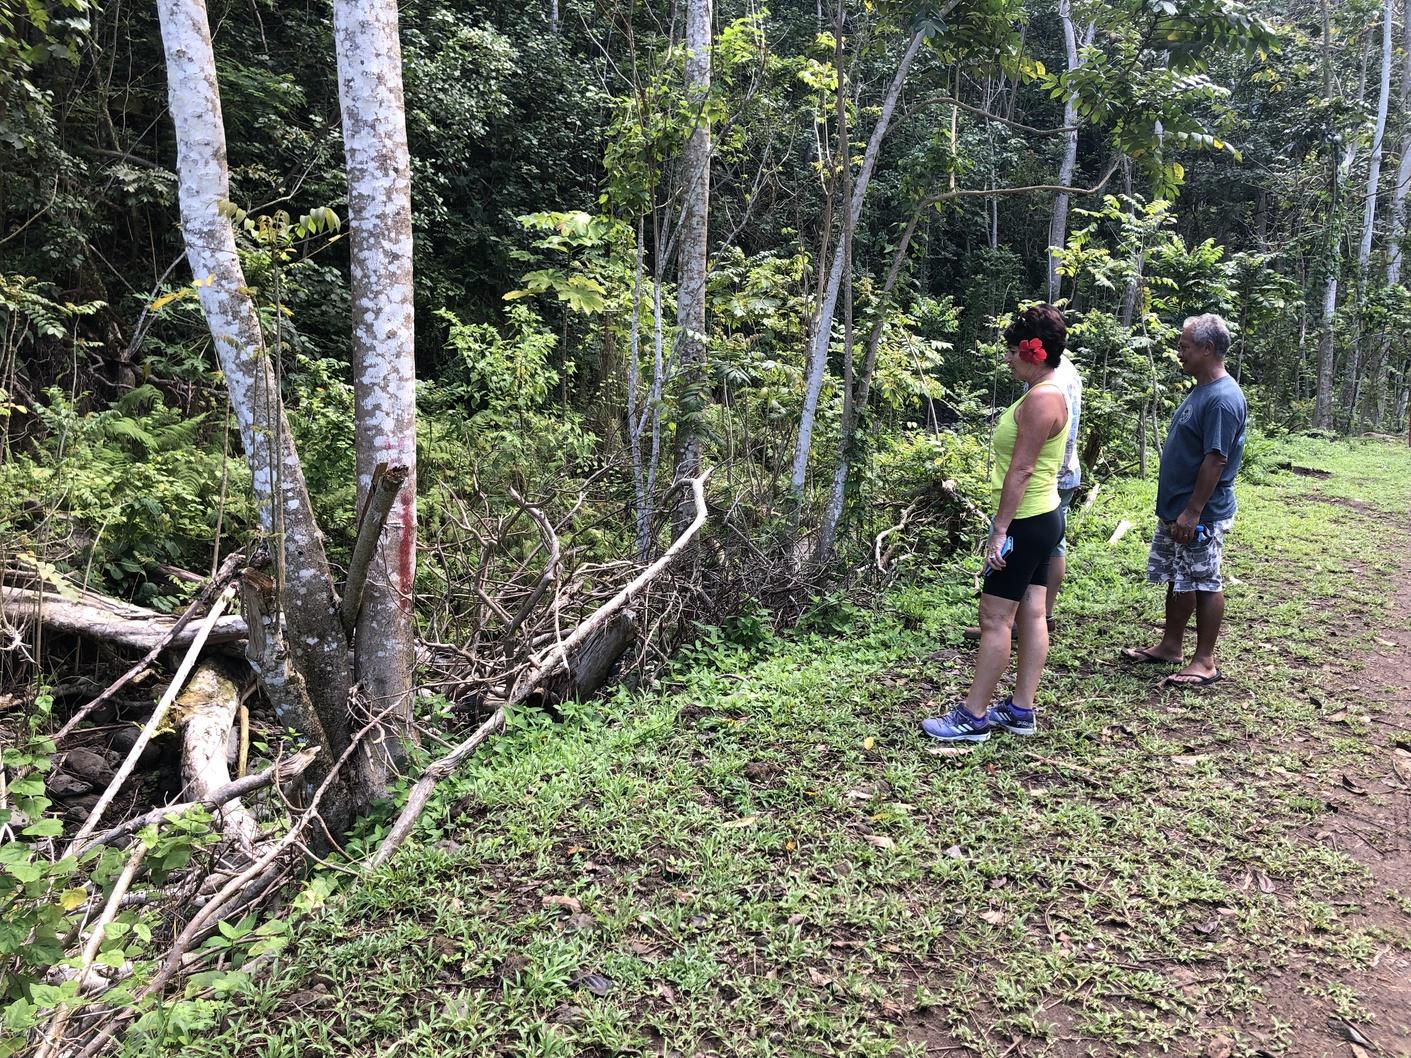 """On aimerait  que le gouvernement prenne ses responsabilités pour dégager ces troncs du lit de la rivière pour permettre ainsi à l'eau de s'écouler normalement lors d'une crue"""", insiste Vanina une résidente de la vallée."""